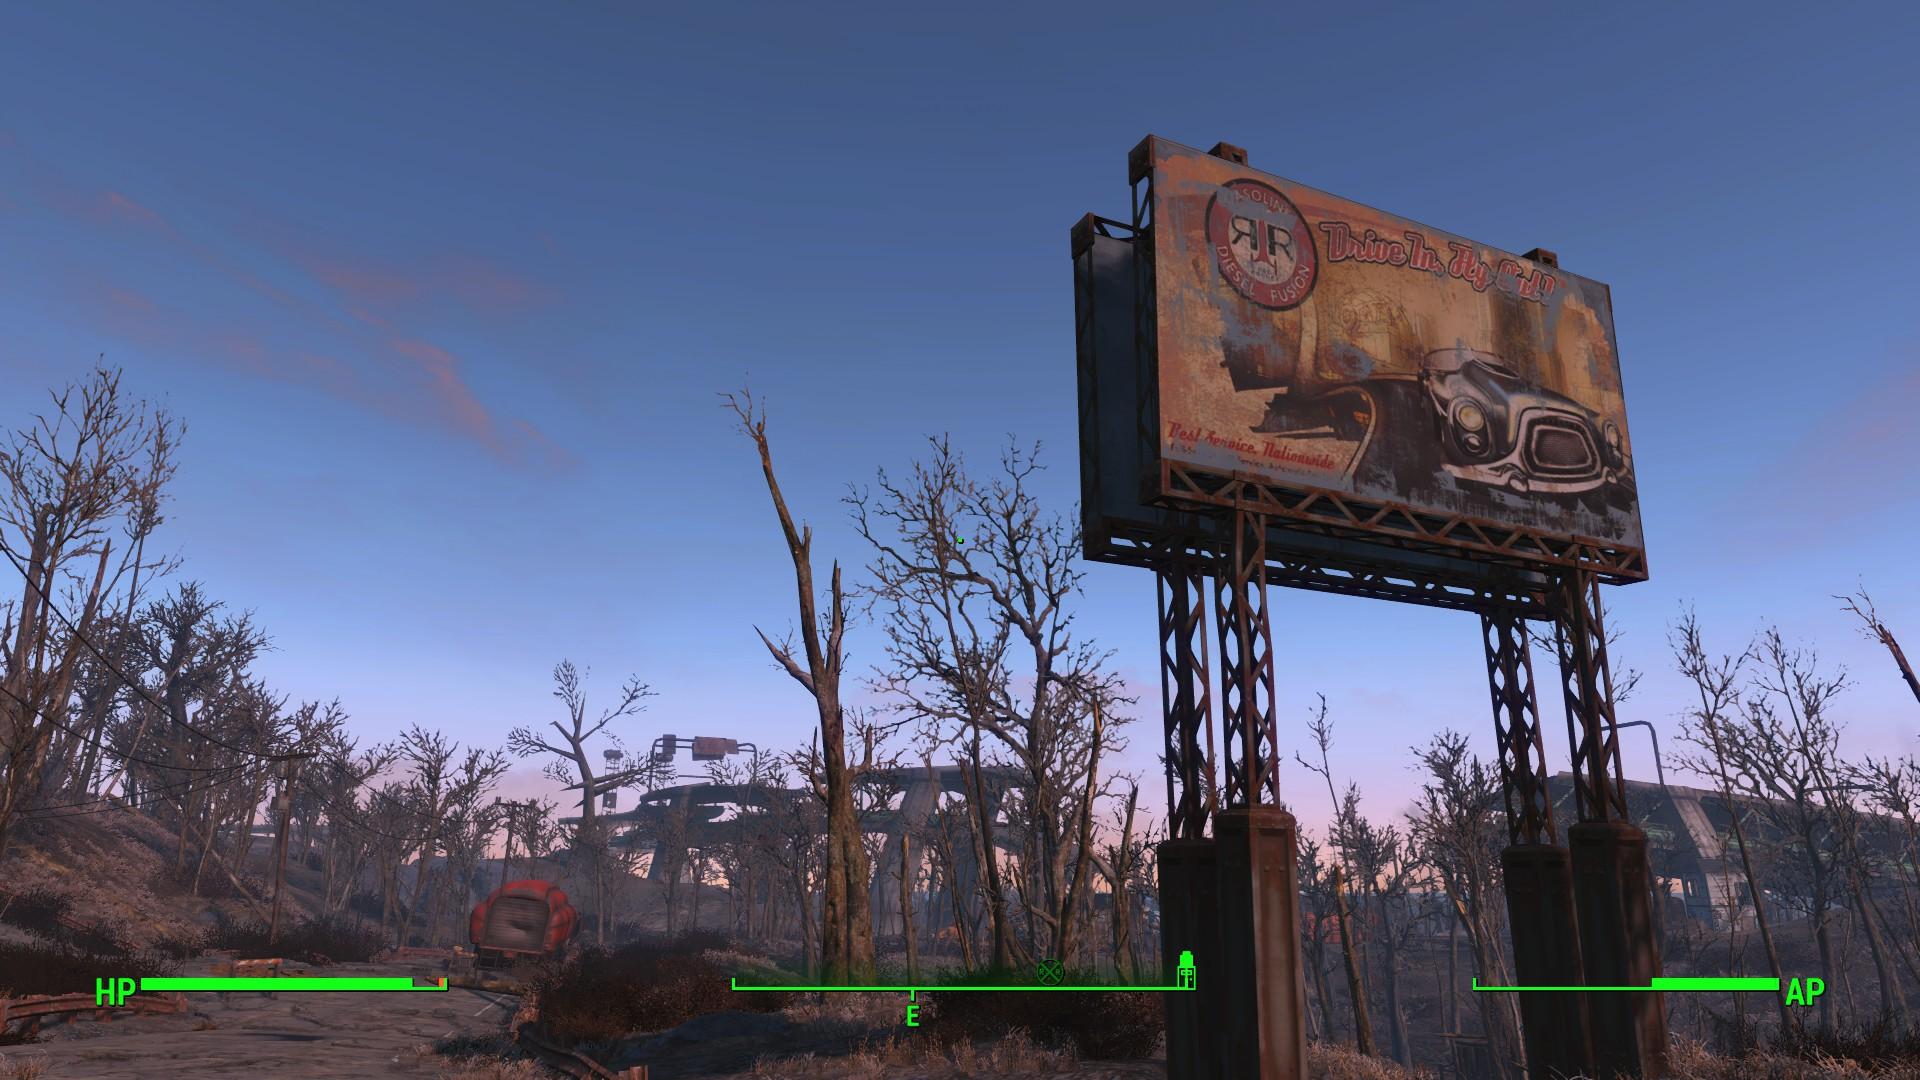 Fallout 4 release date in Brisbane